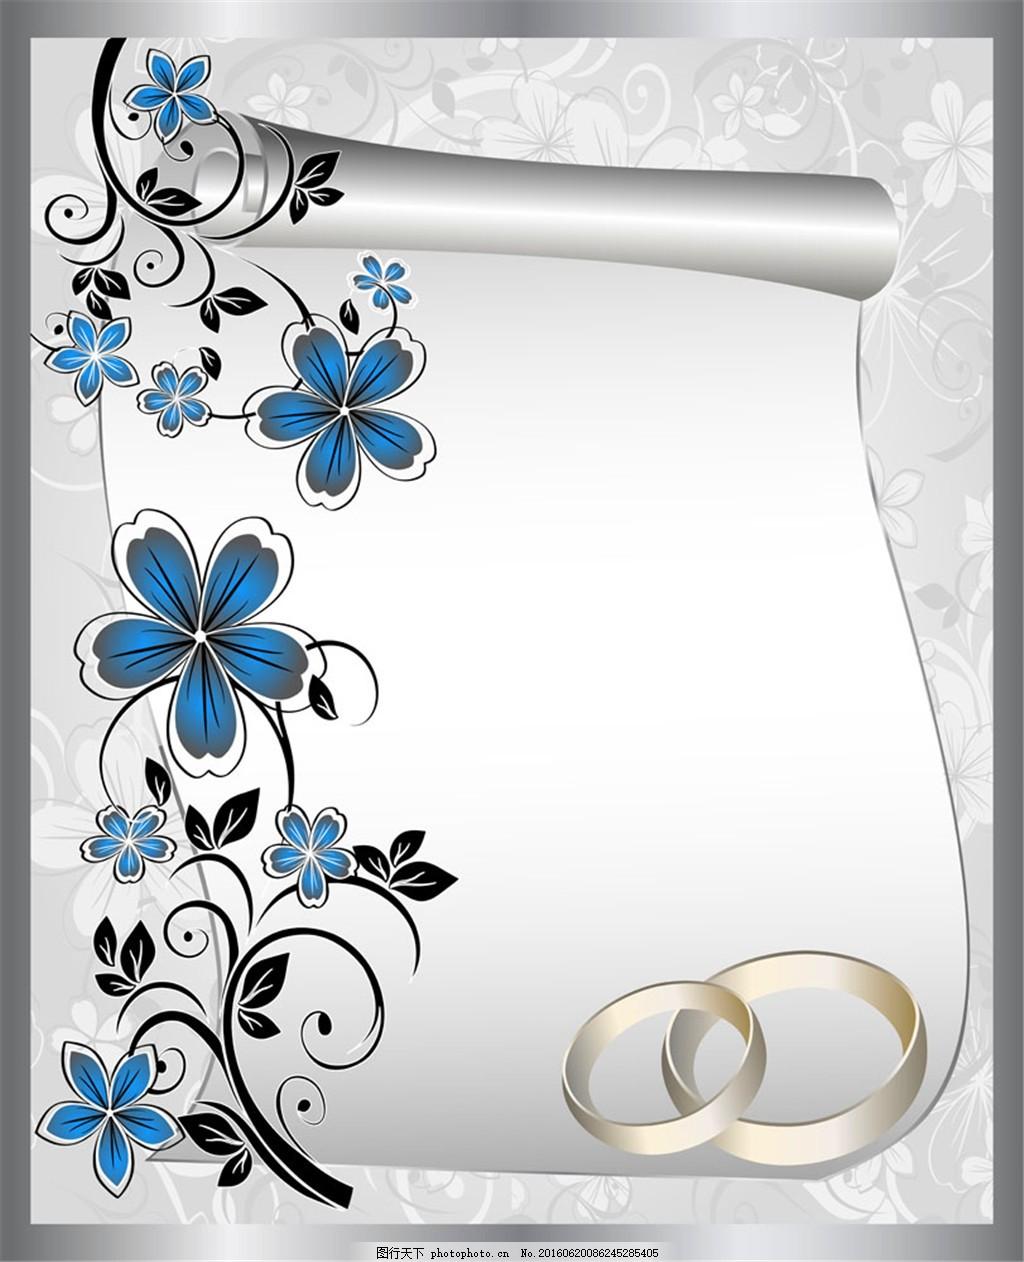 婚礼贺卡 邀请函 时尚花纹 底纹背景 时尚潮流 潮流背景 底纹边框